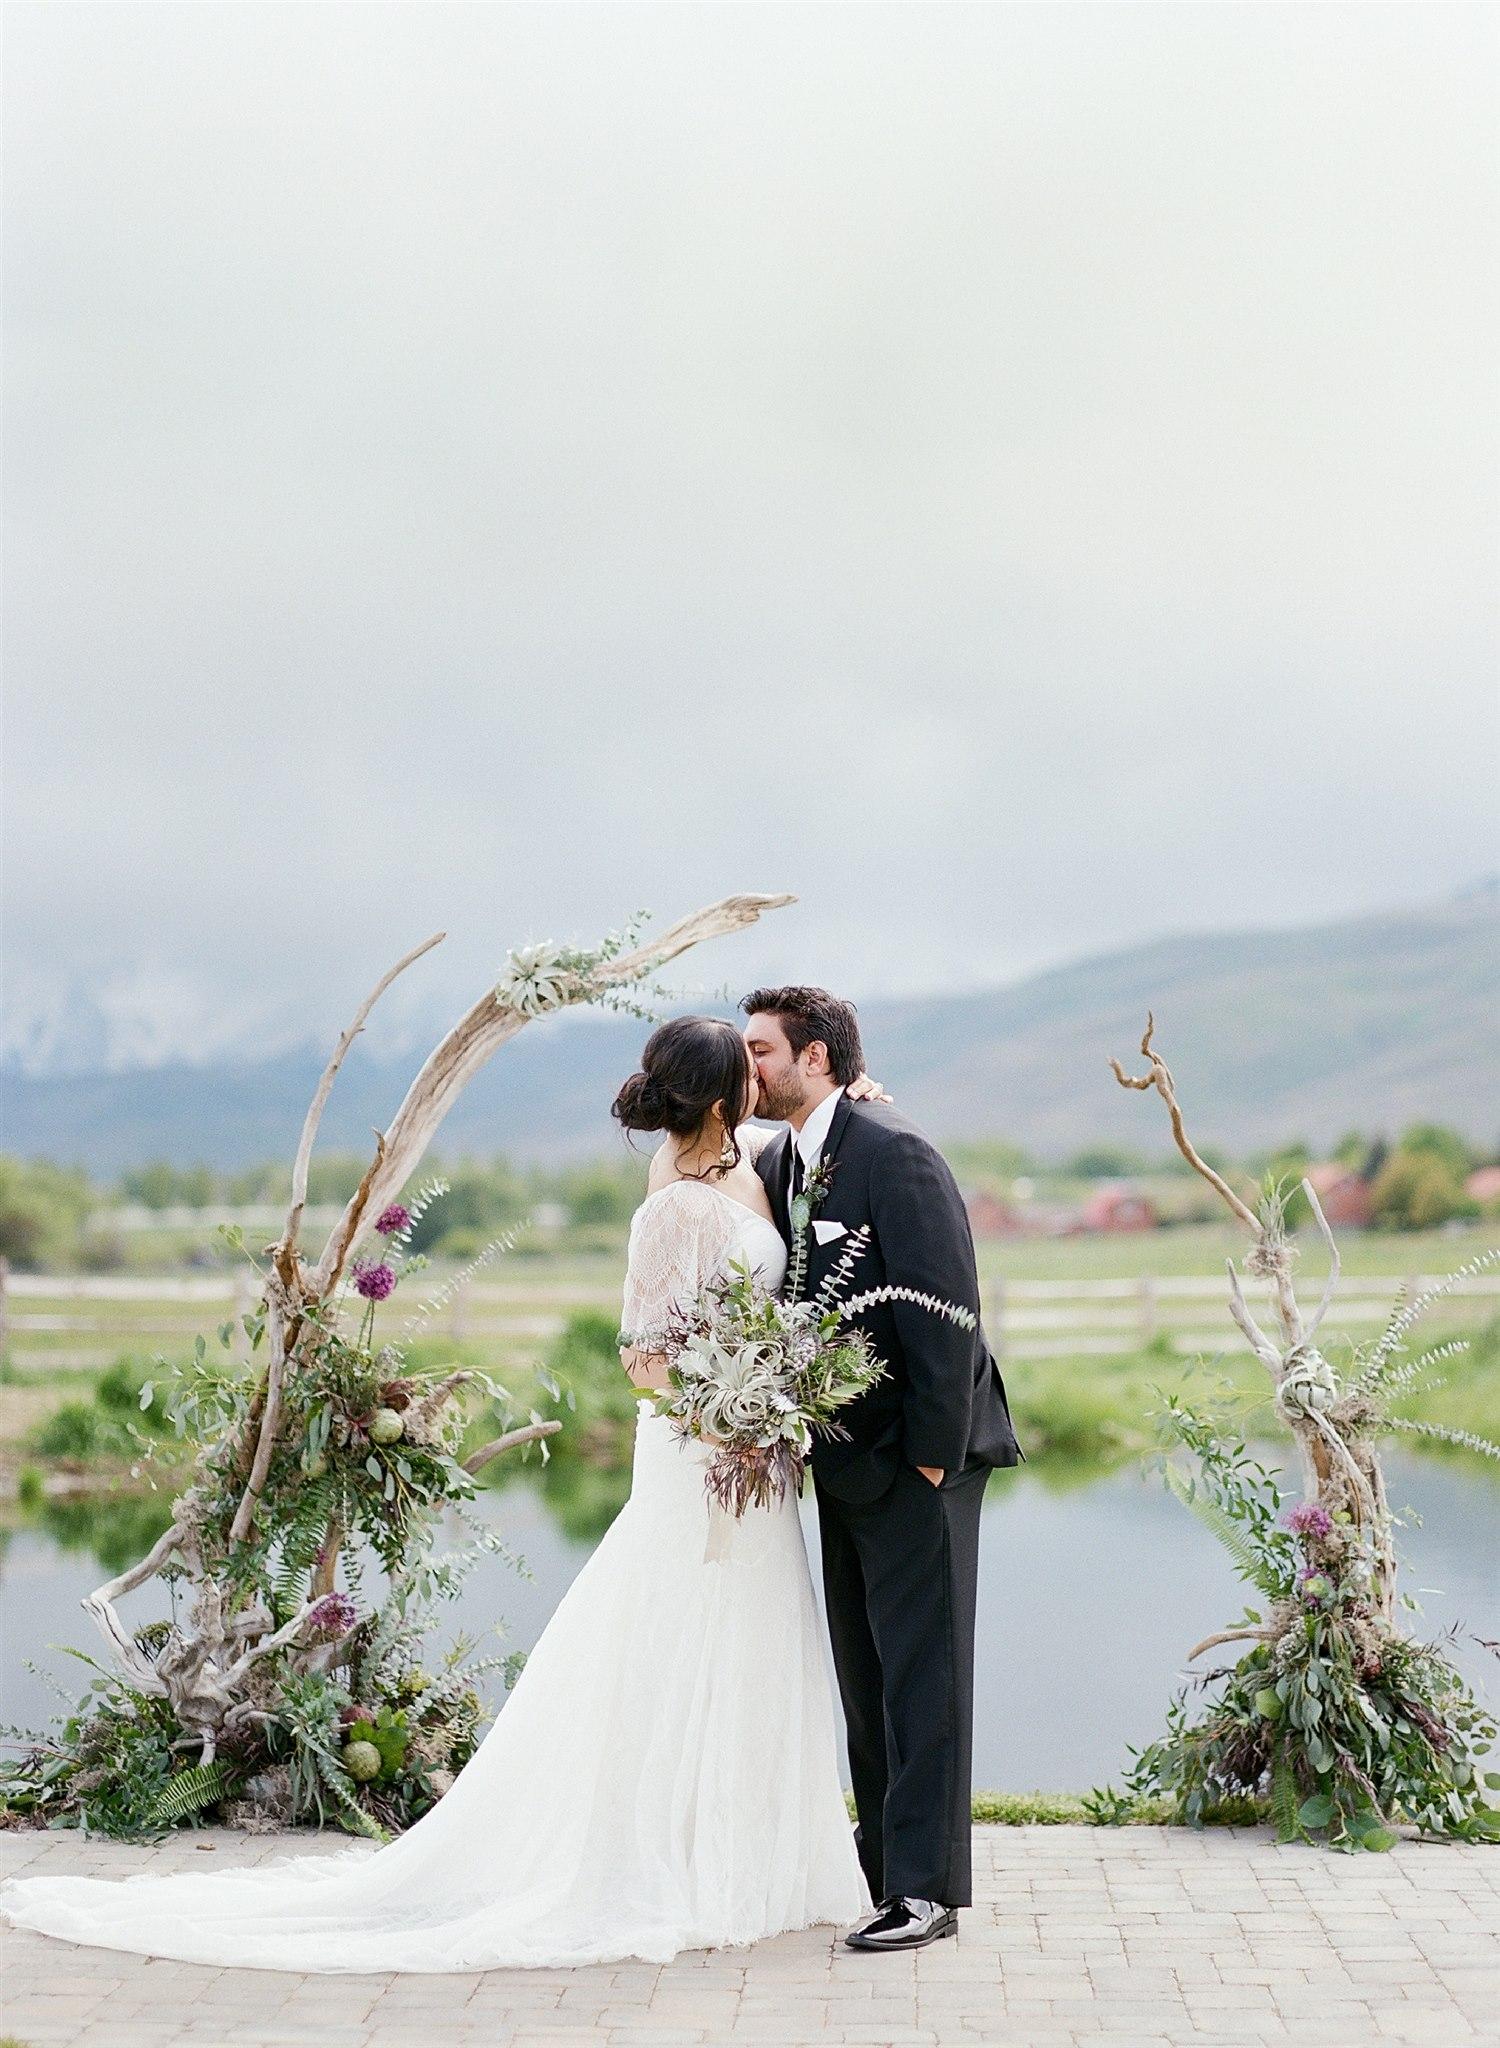 heidi_michael_wedding_0242.jpg